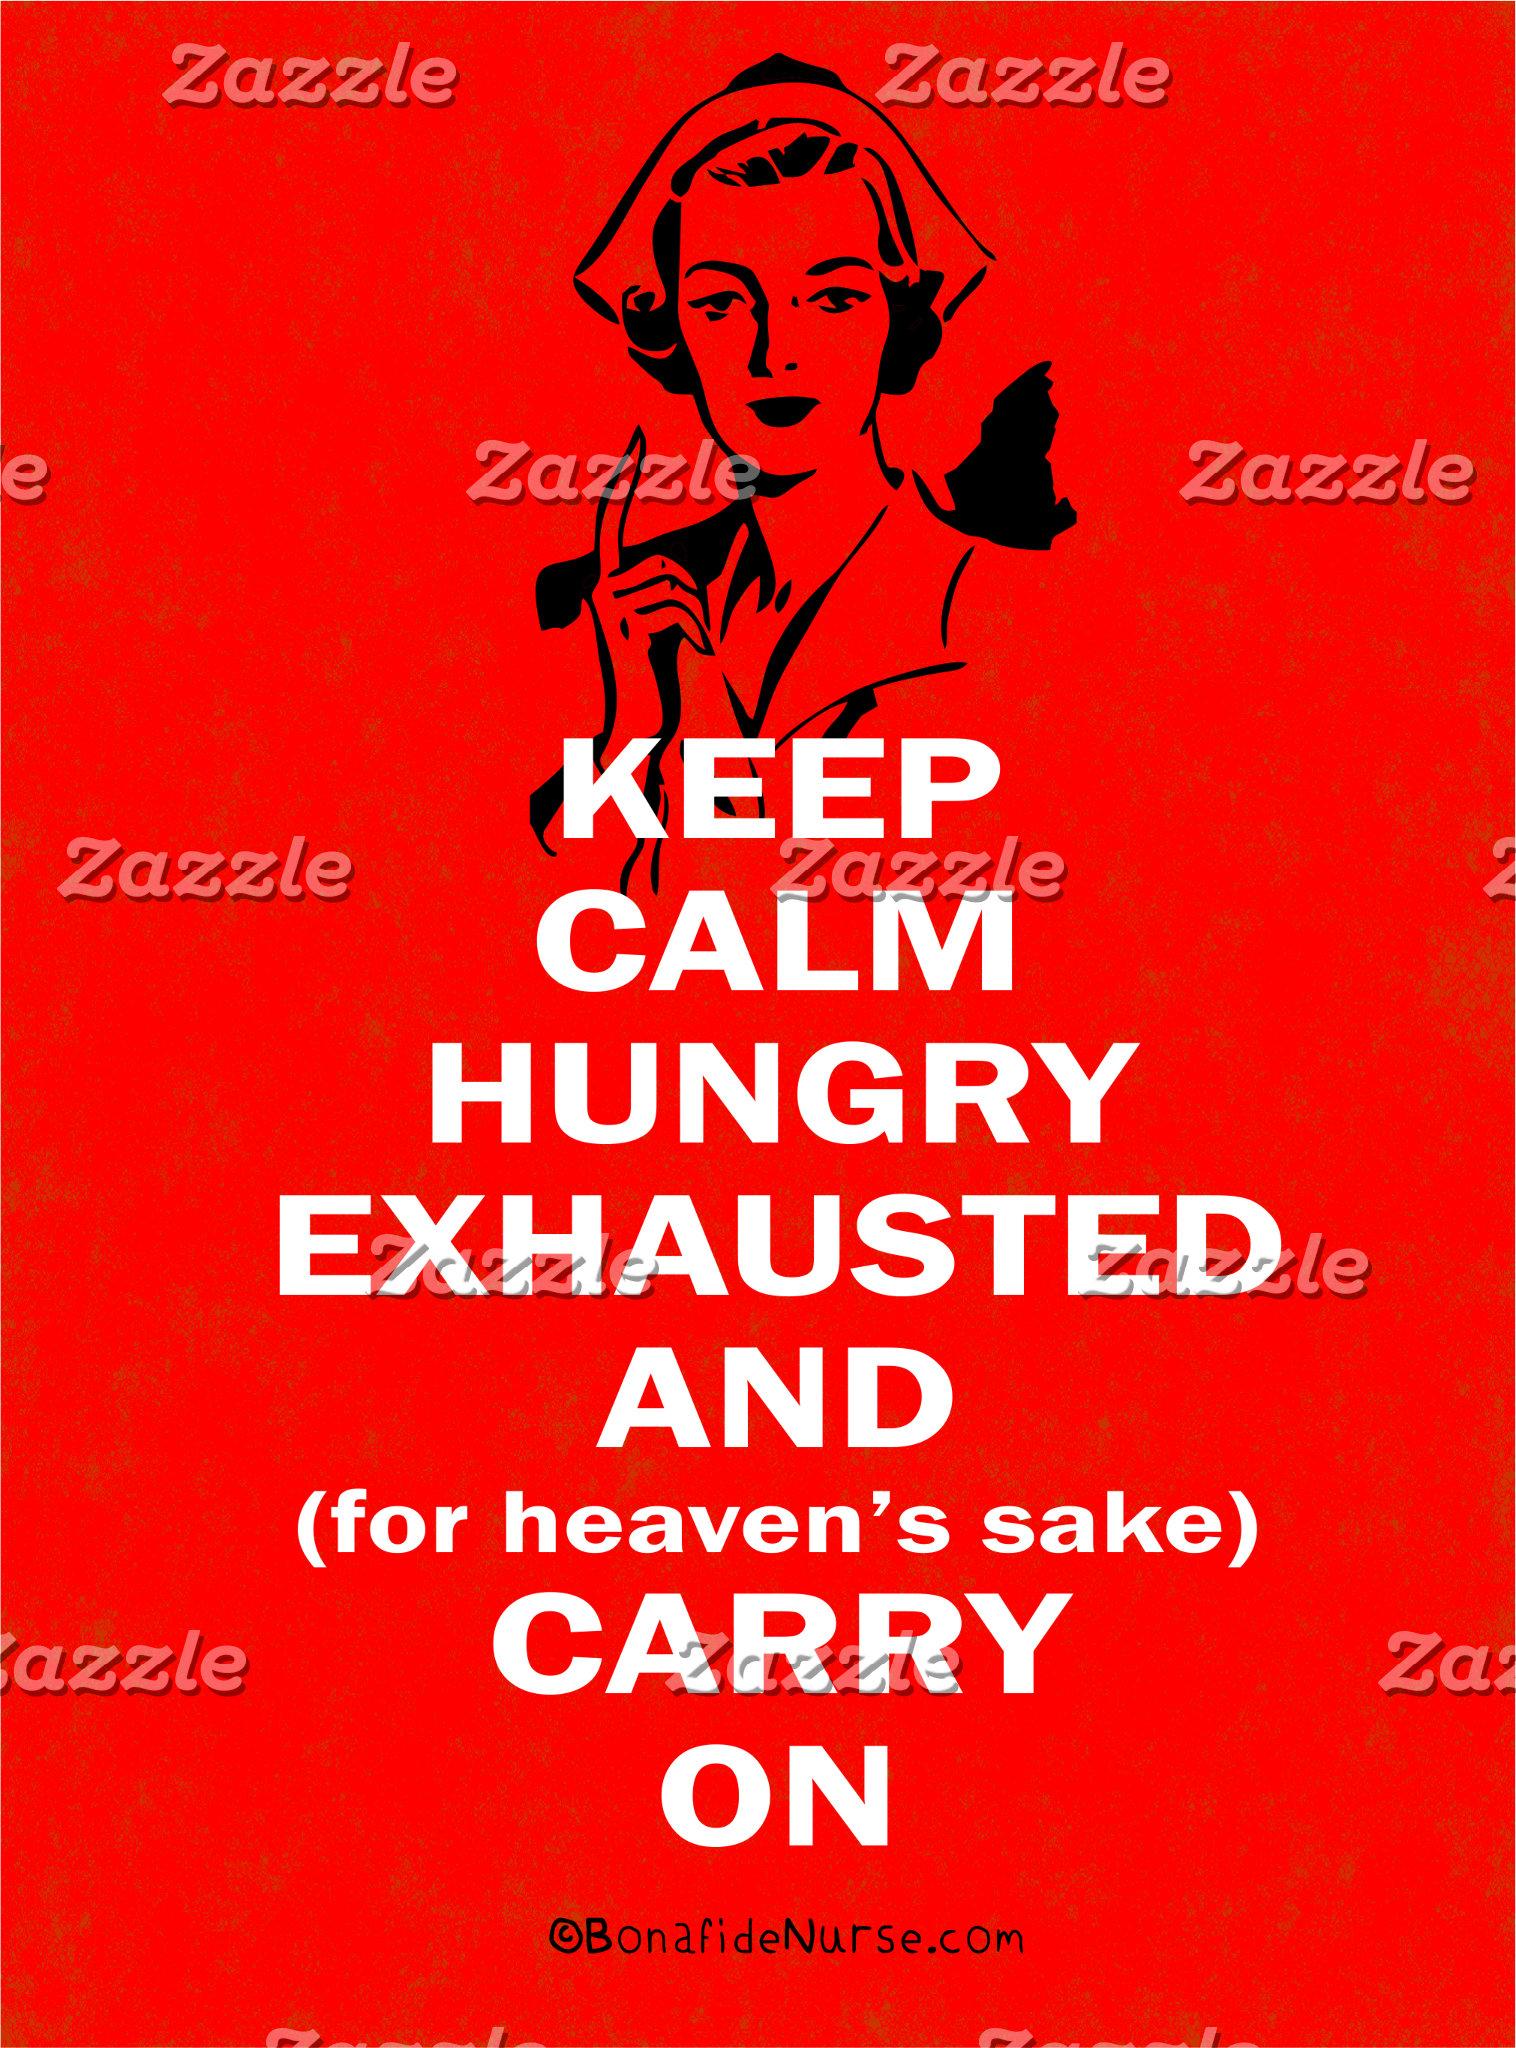 Nurse - Keep Calm and Carry On